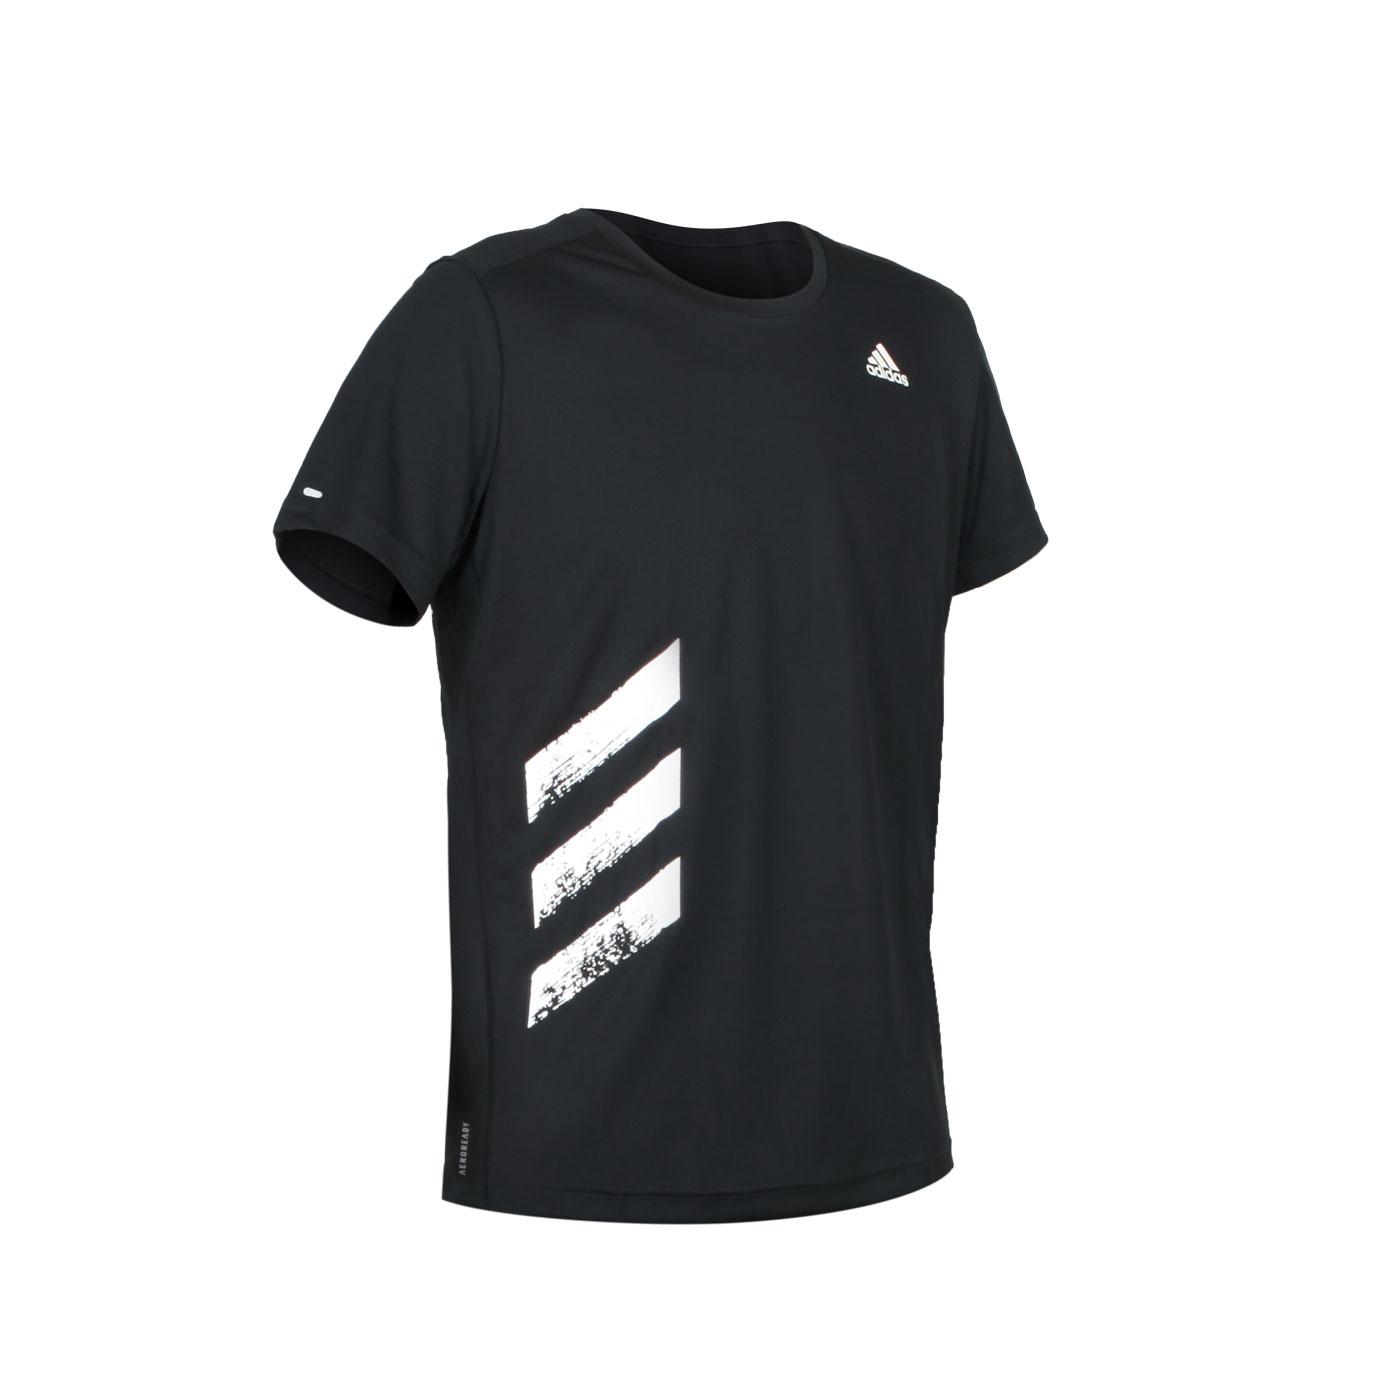 ADIDAS 男款短袖T恤 FR8382 - 黑白